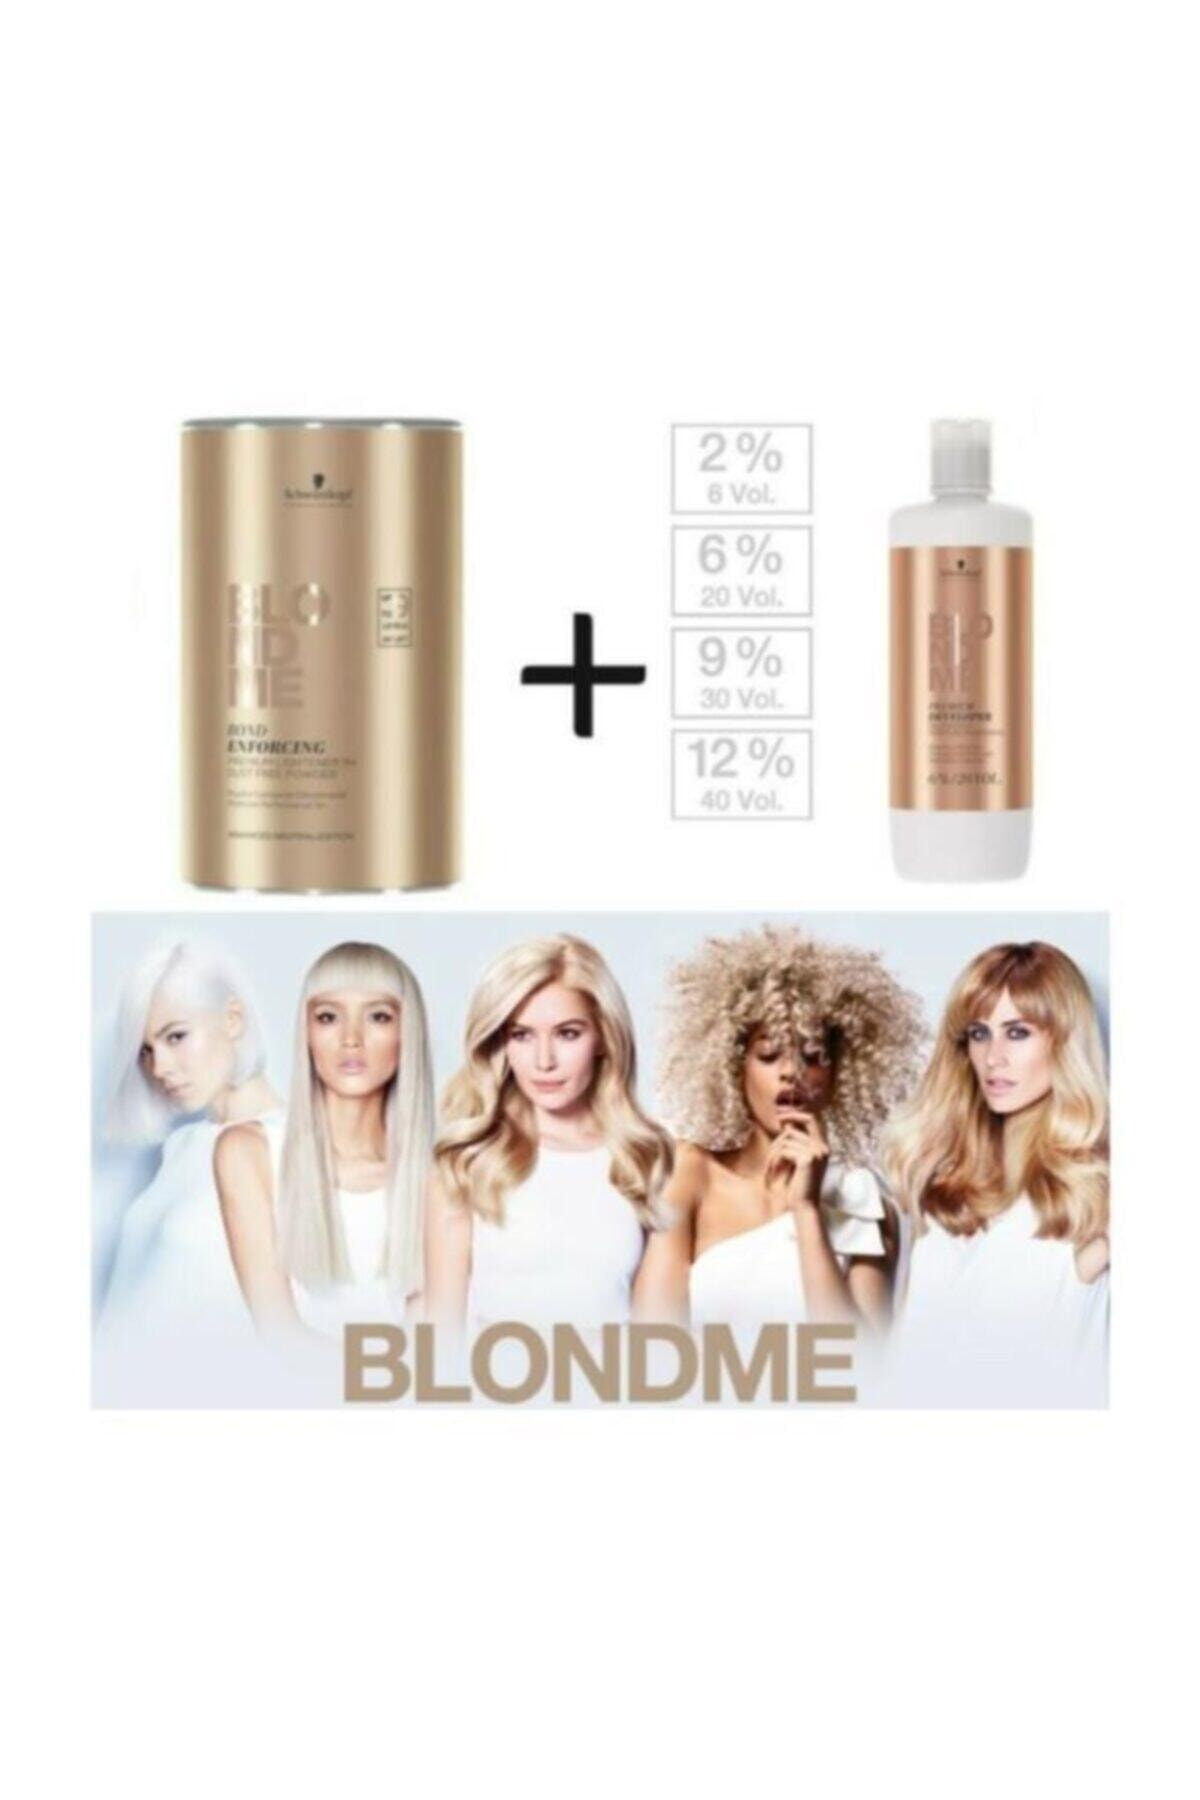 BLONDME Premium Lift+9 Açıcı 450 G + Oksidan %12 40 Volume 1000 ml 2